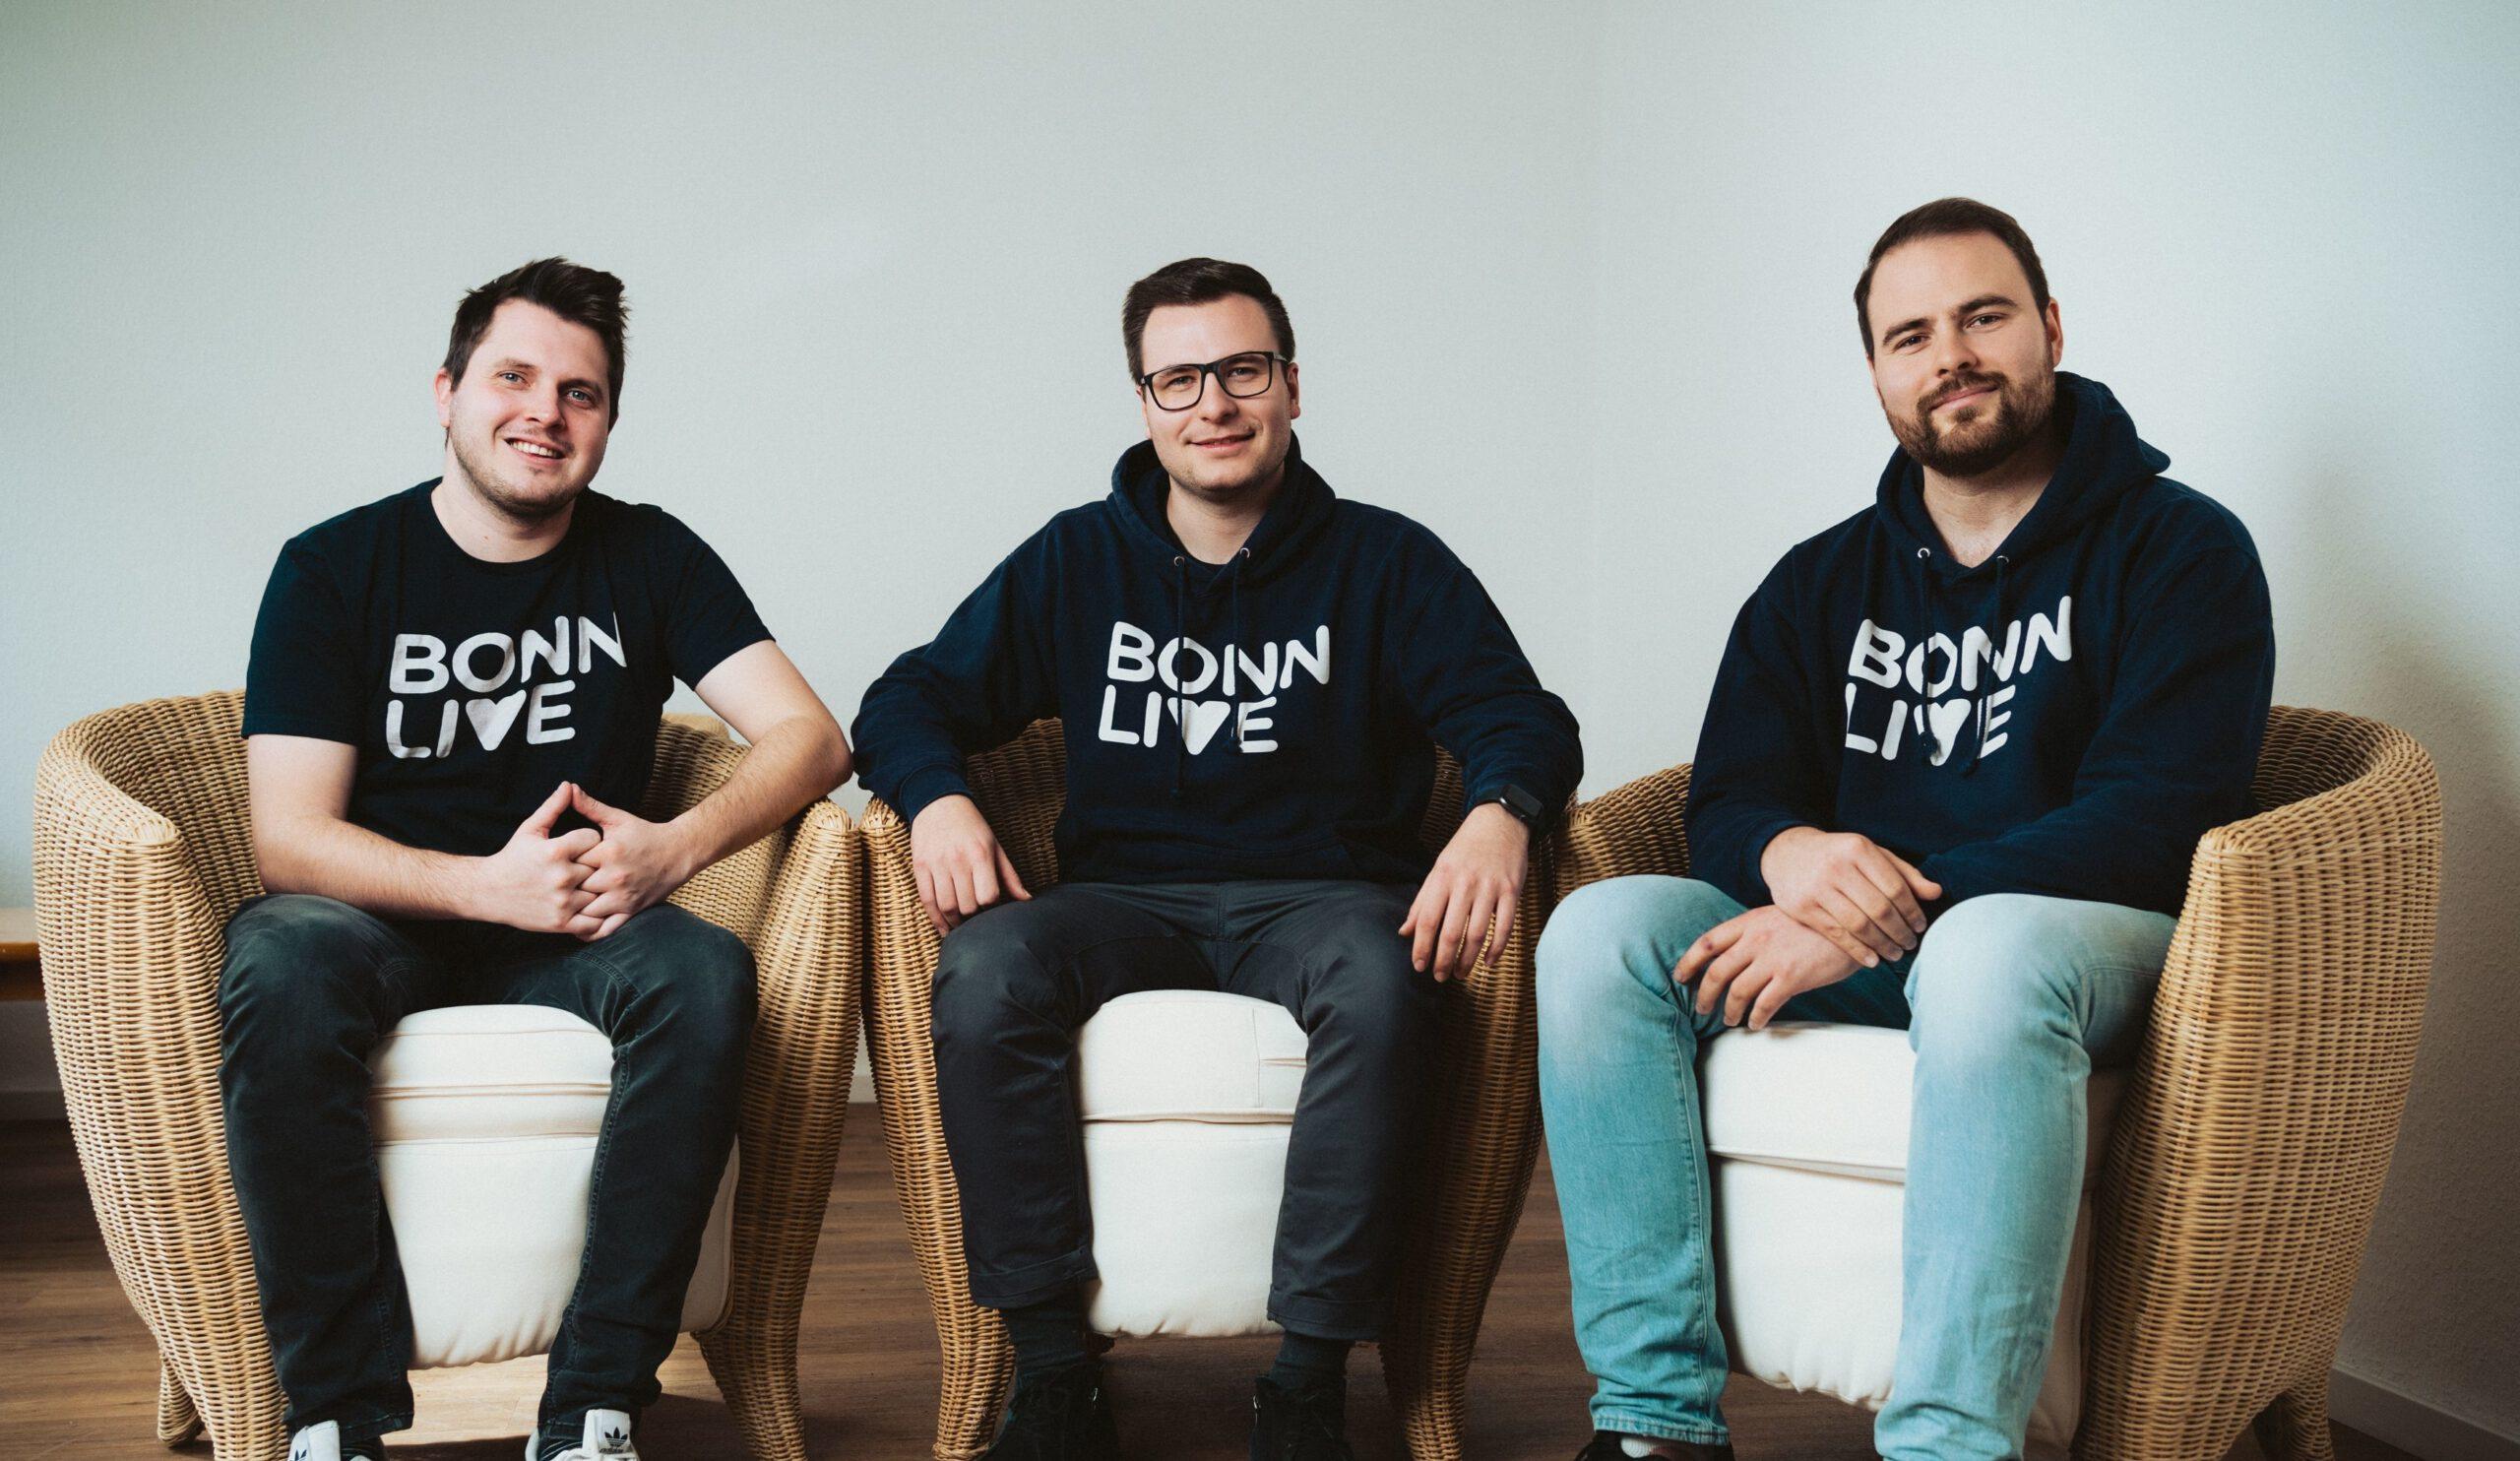 Die BonnLive Baskets Carena sorgt für Unterhaltung in tristen Zeiten! Der Vorverkauf startet am 20. März um 12:00 Uhr